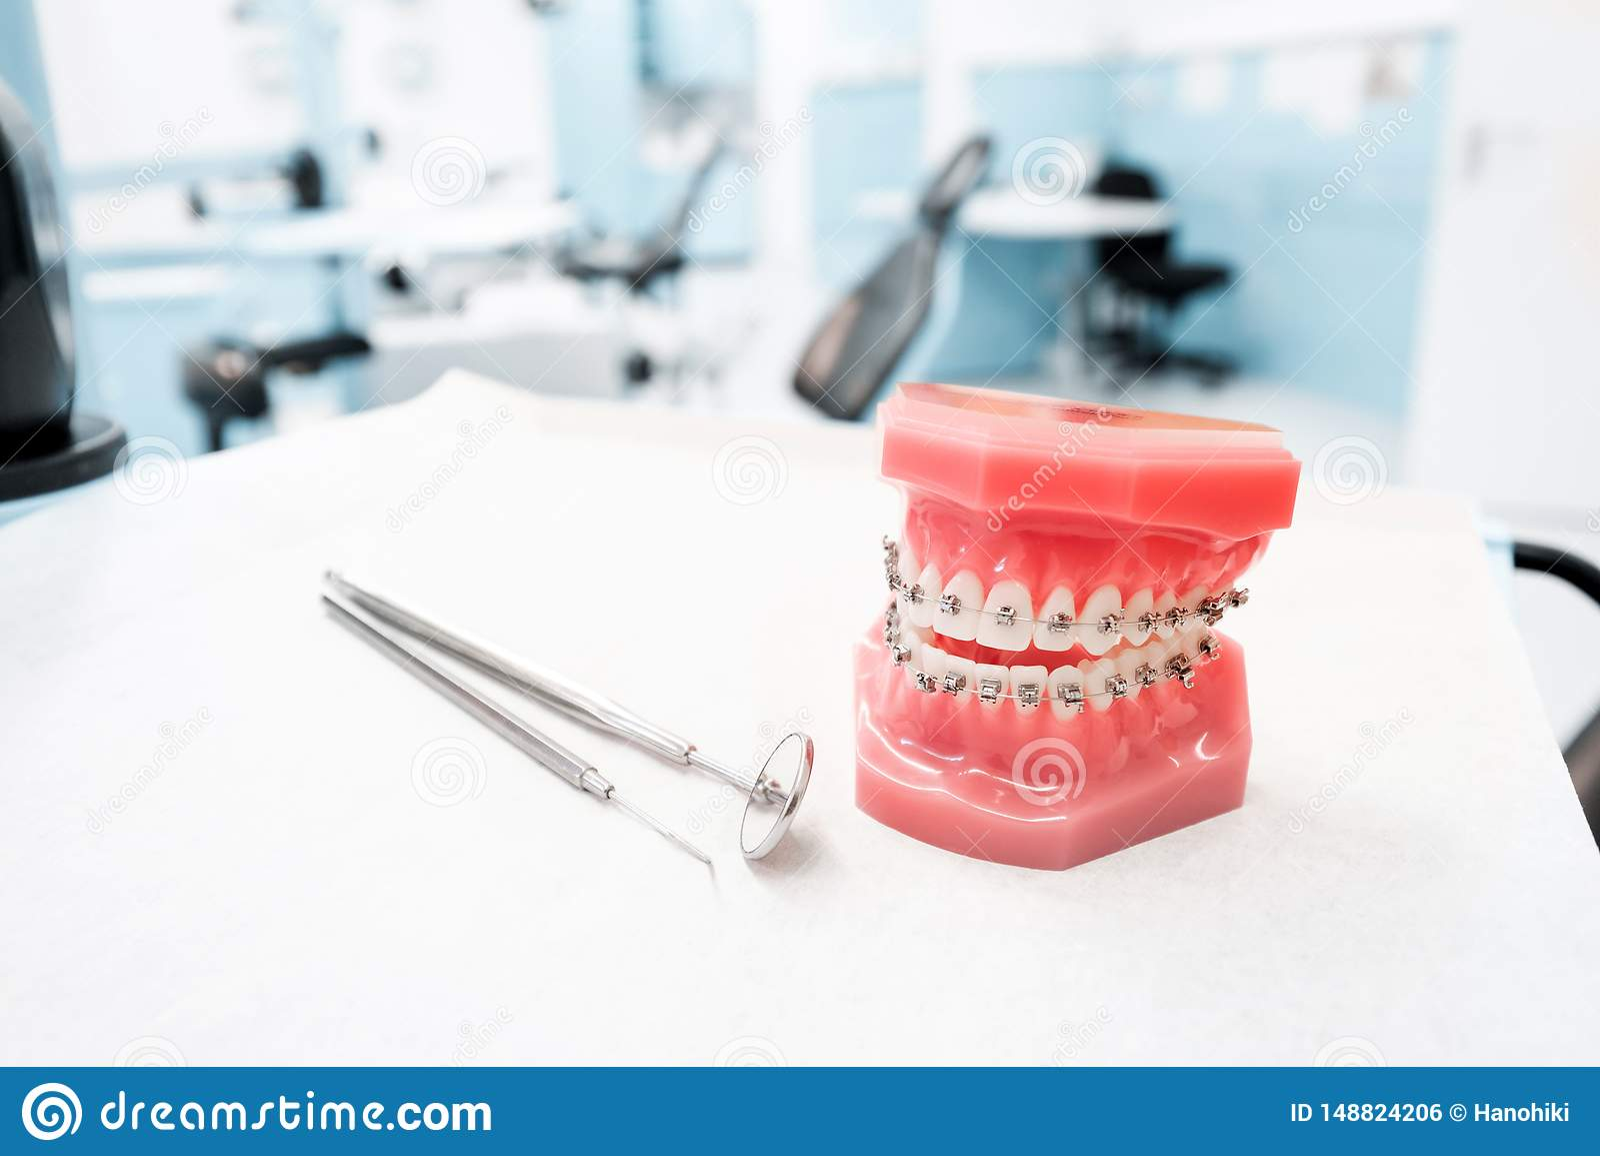 Modelo dental con los apoyos - modelo dental ortodóntico de los dientes con los apoyos dentales en clínica del dentista